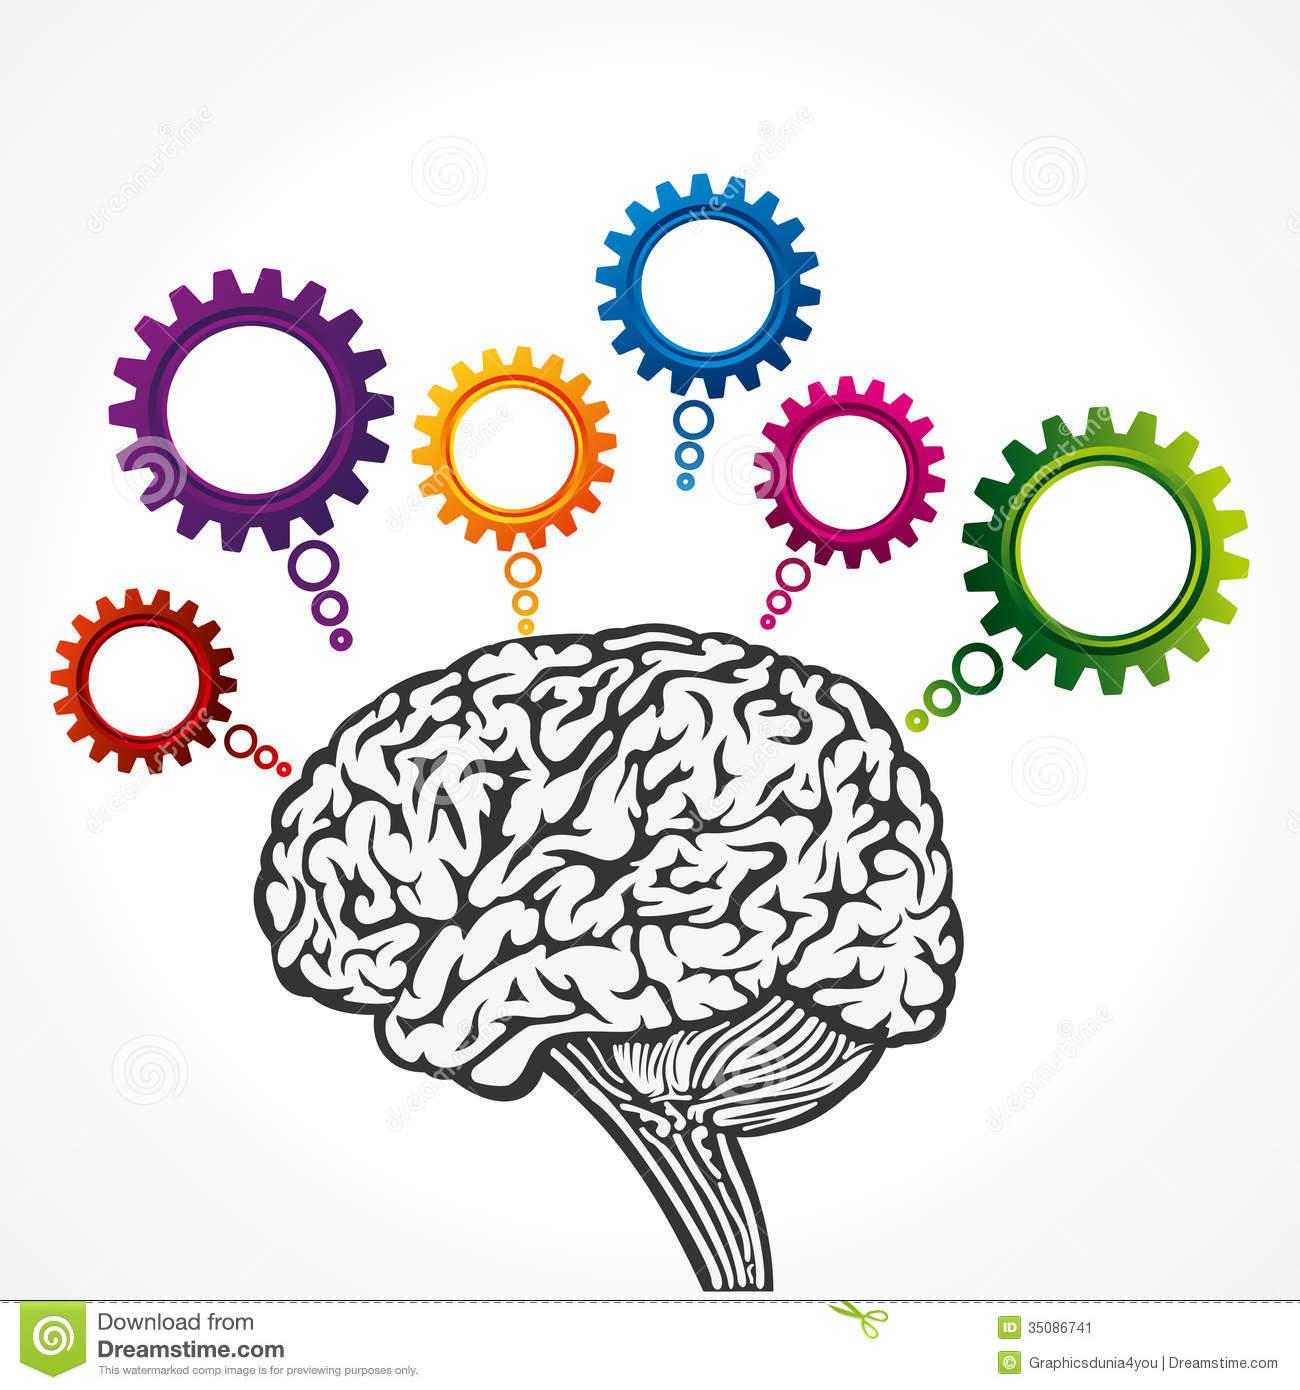 Brain Thinking Clipart - Clipart Kid